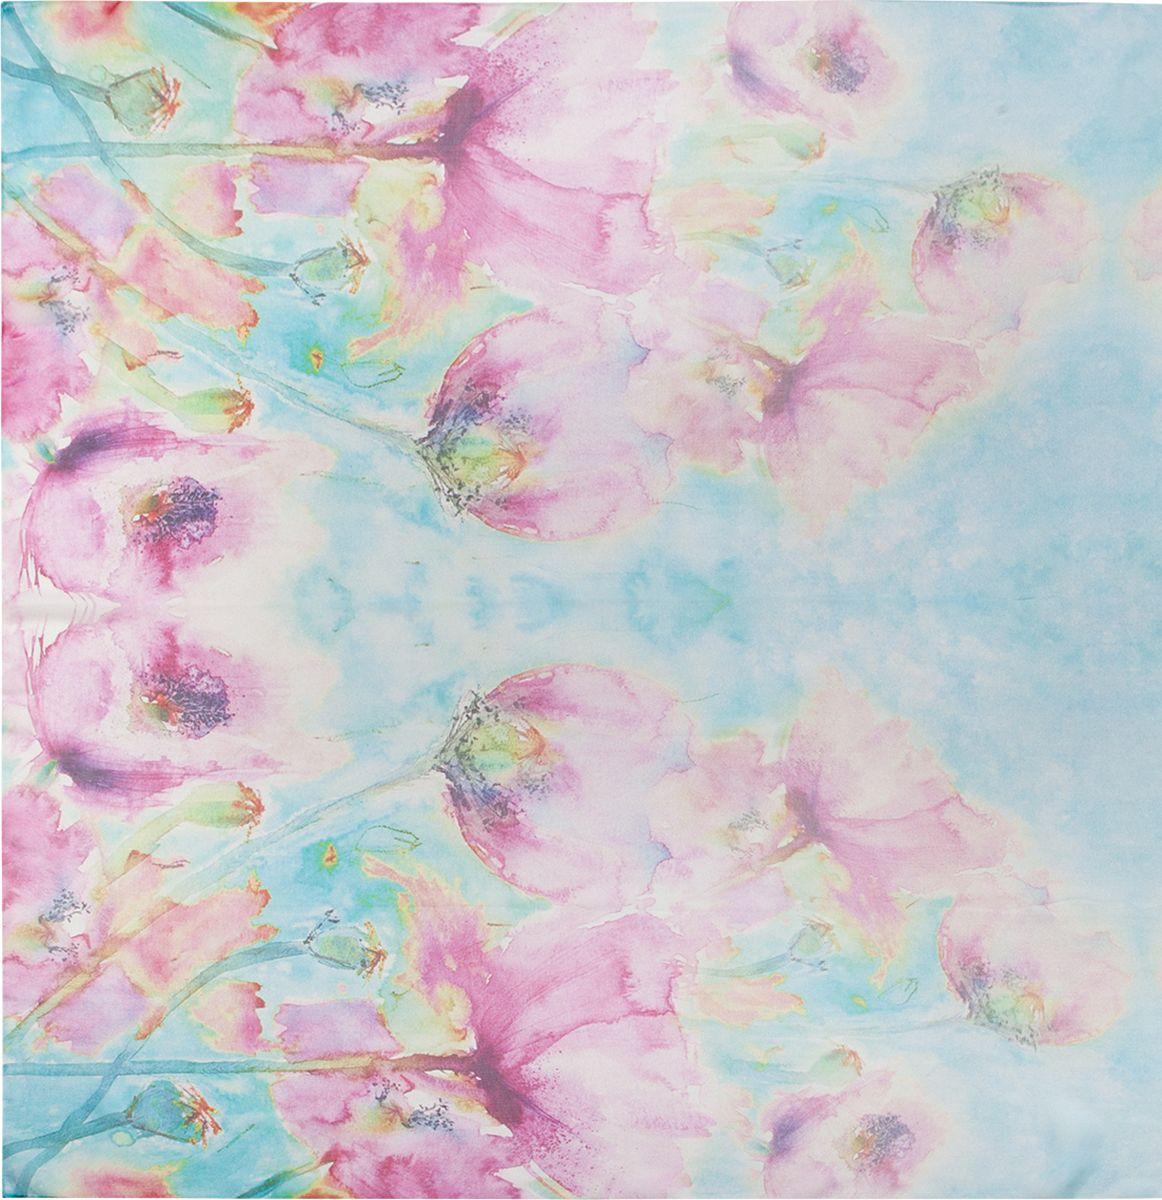 Палантин Eleganzza, цвет: розовый, голубой. SS02-7804. Размер 110 см х 180 смSS02-7804Палантин Eleganzza изготовлен из шелка. Модель украшена цветочным принтом. Этот модный аксессуар гармонично дополнит ваш образ.